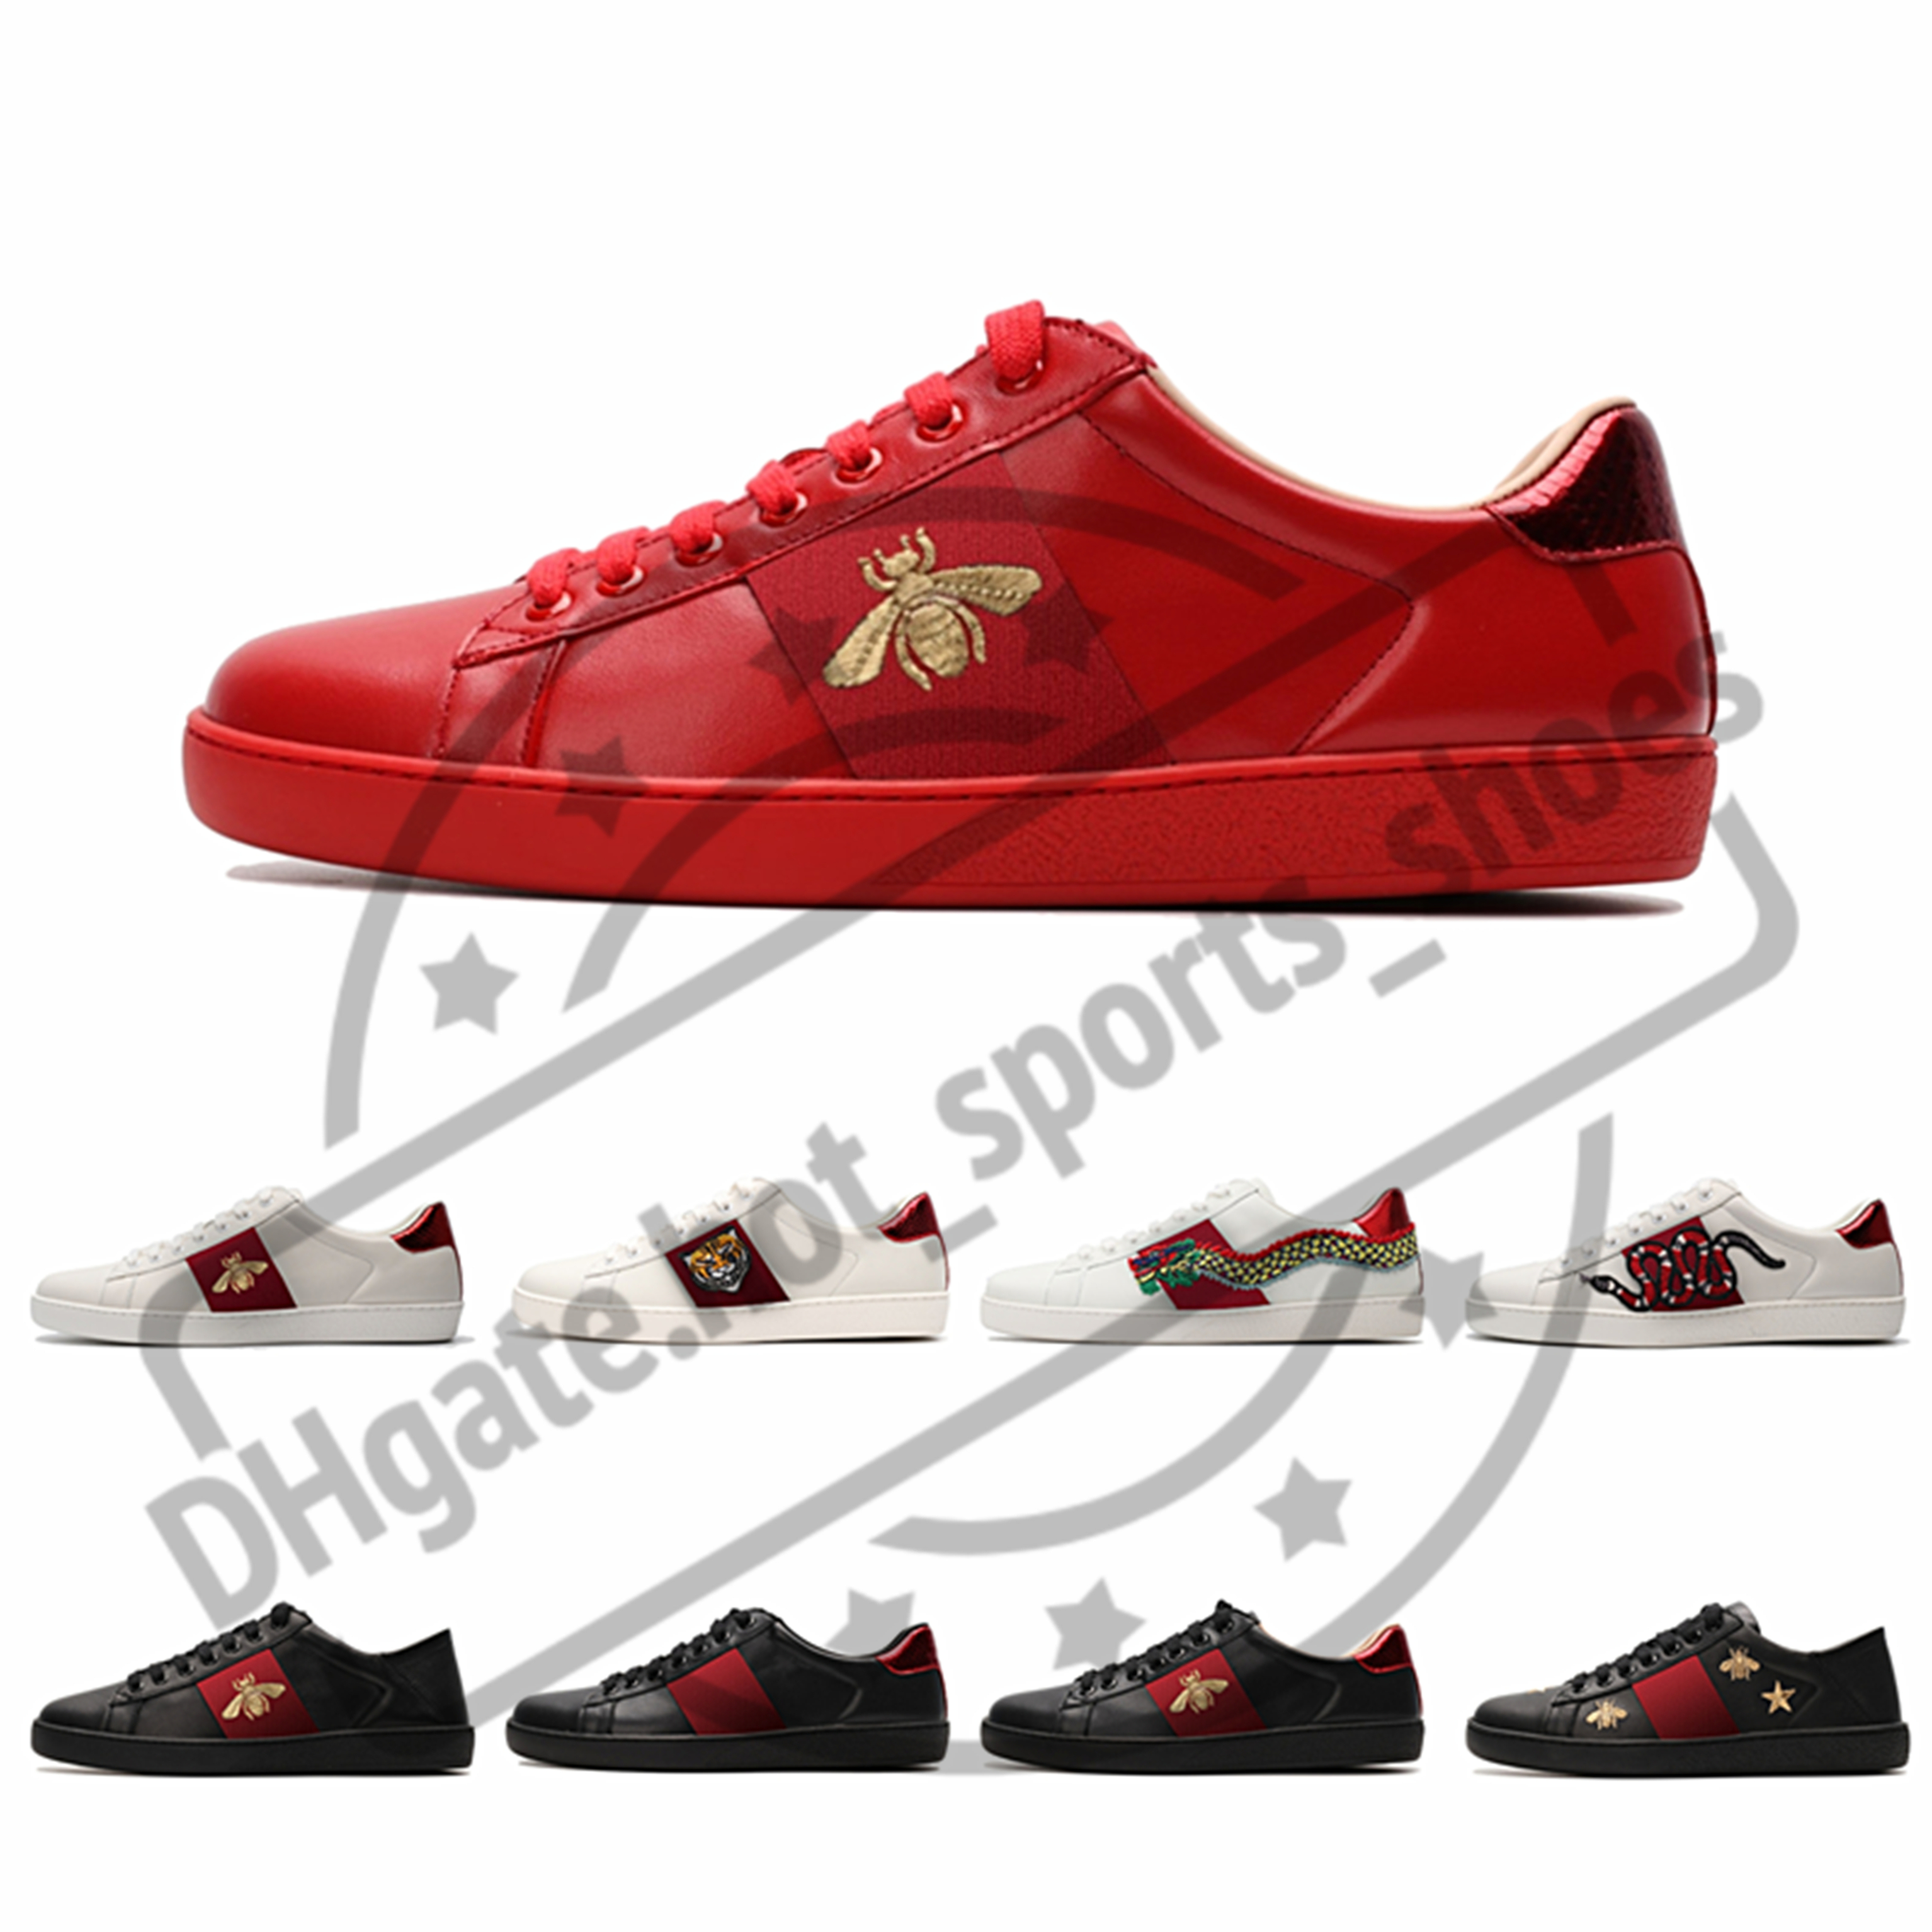 Original Kasten Modedesigner Schuhe der Männer mit hochwertigen Frauen Luxus Designer Turnschuh Mann lässig Ace Bee Schuhe Grün Rot Streifen Größe